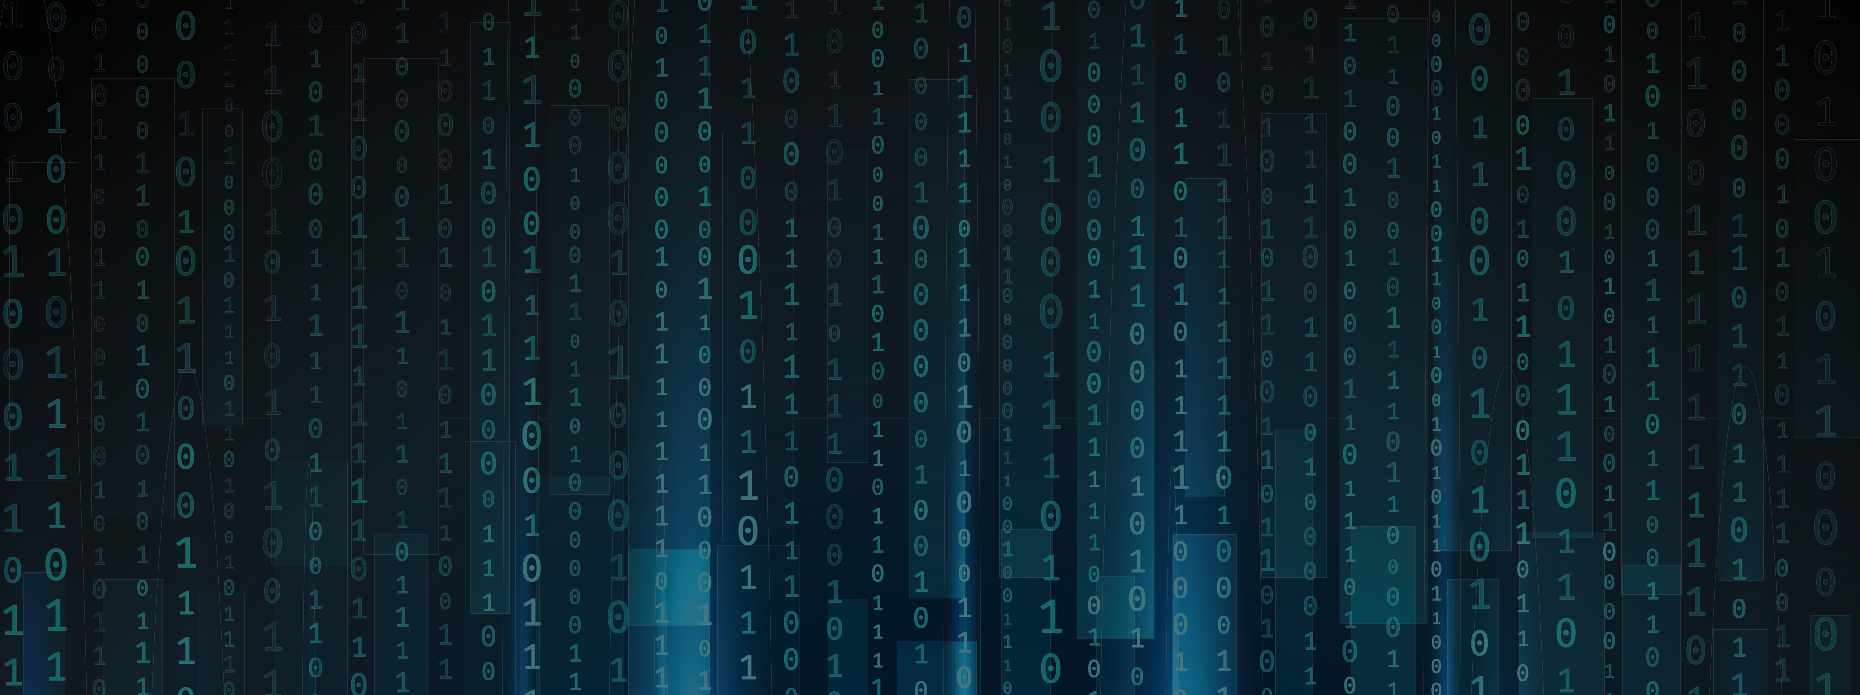 Защита от DDoS атаки